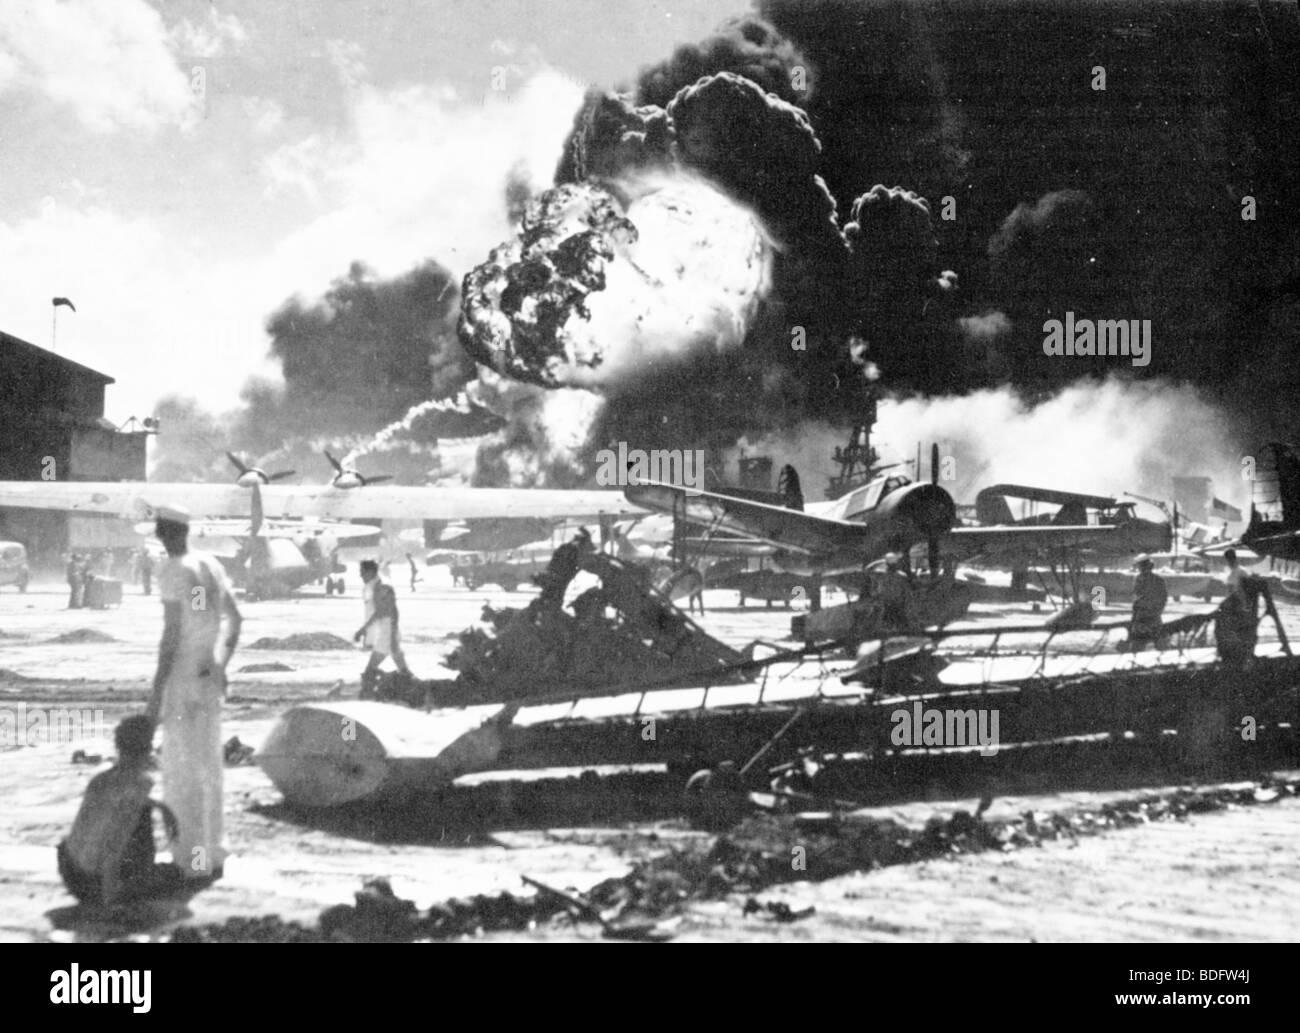 PEARL HARBOR pelo ataque do Japão na base americana em Oahu, no Havaí em 7 de Dezembro de 1941 Imagens de Stock